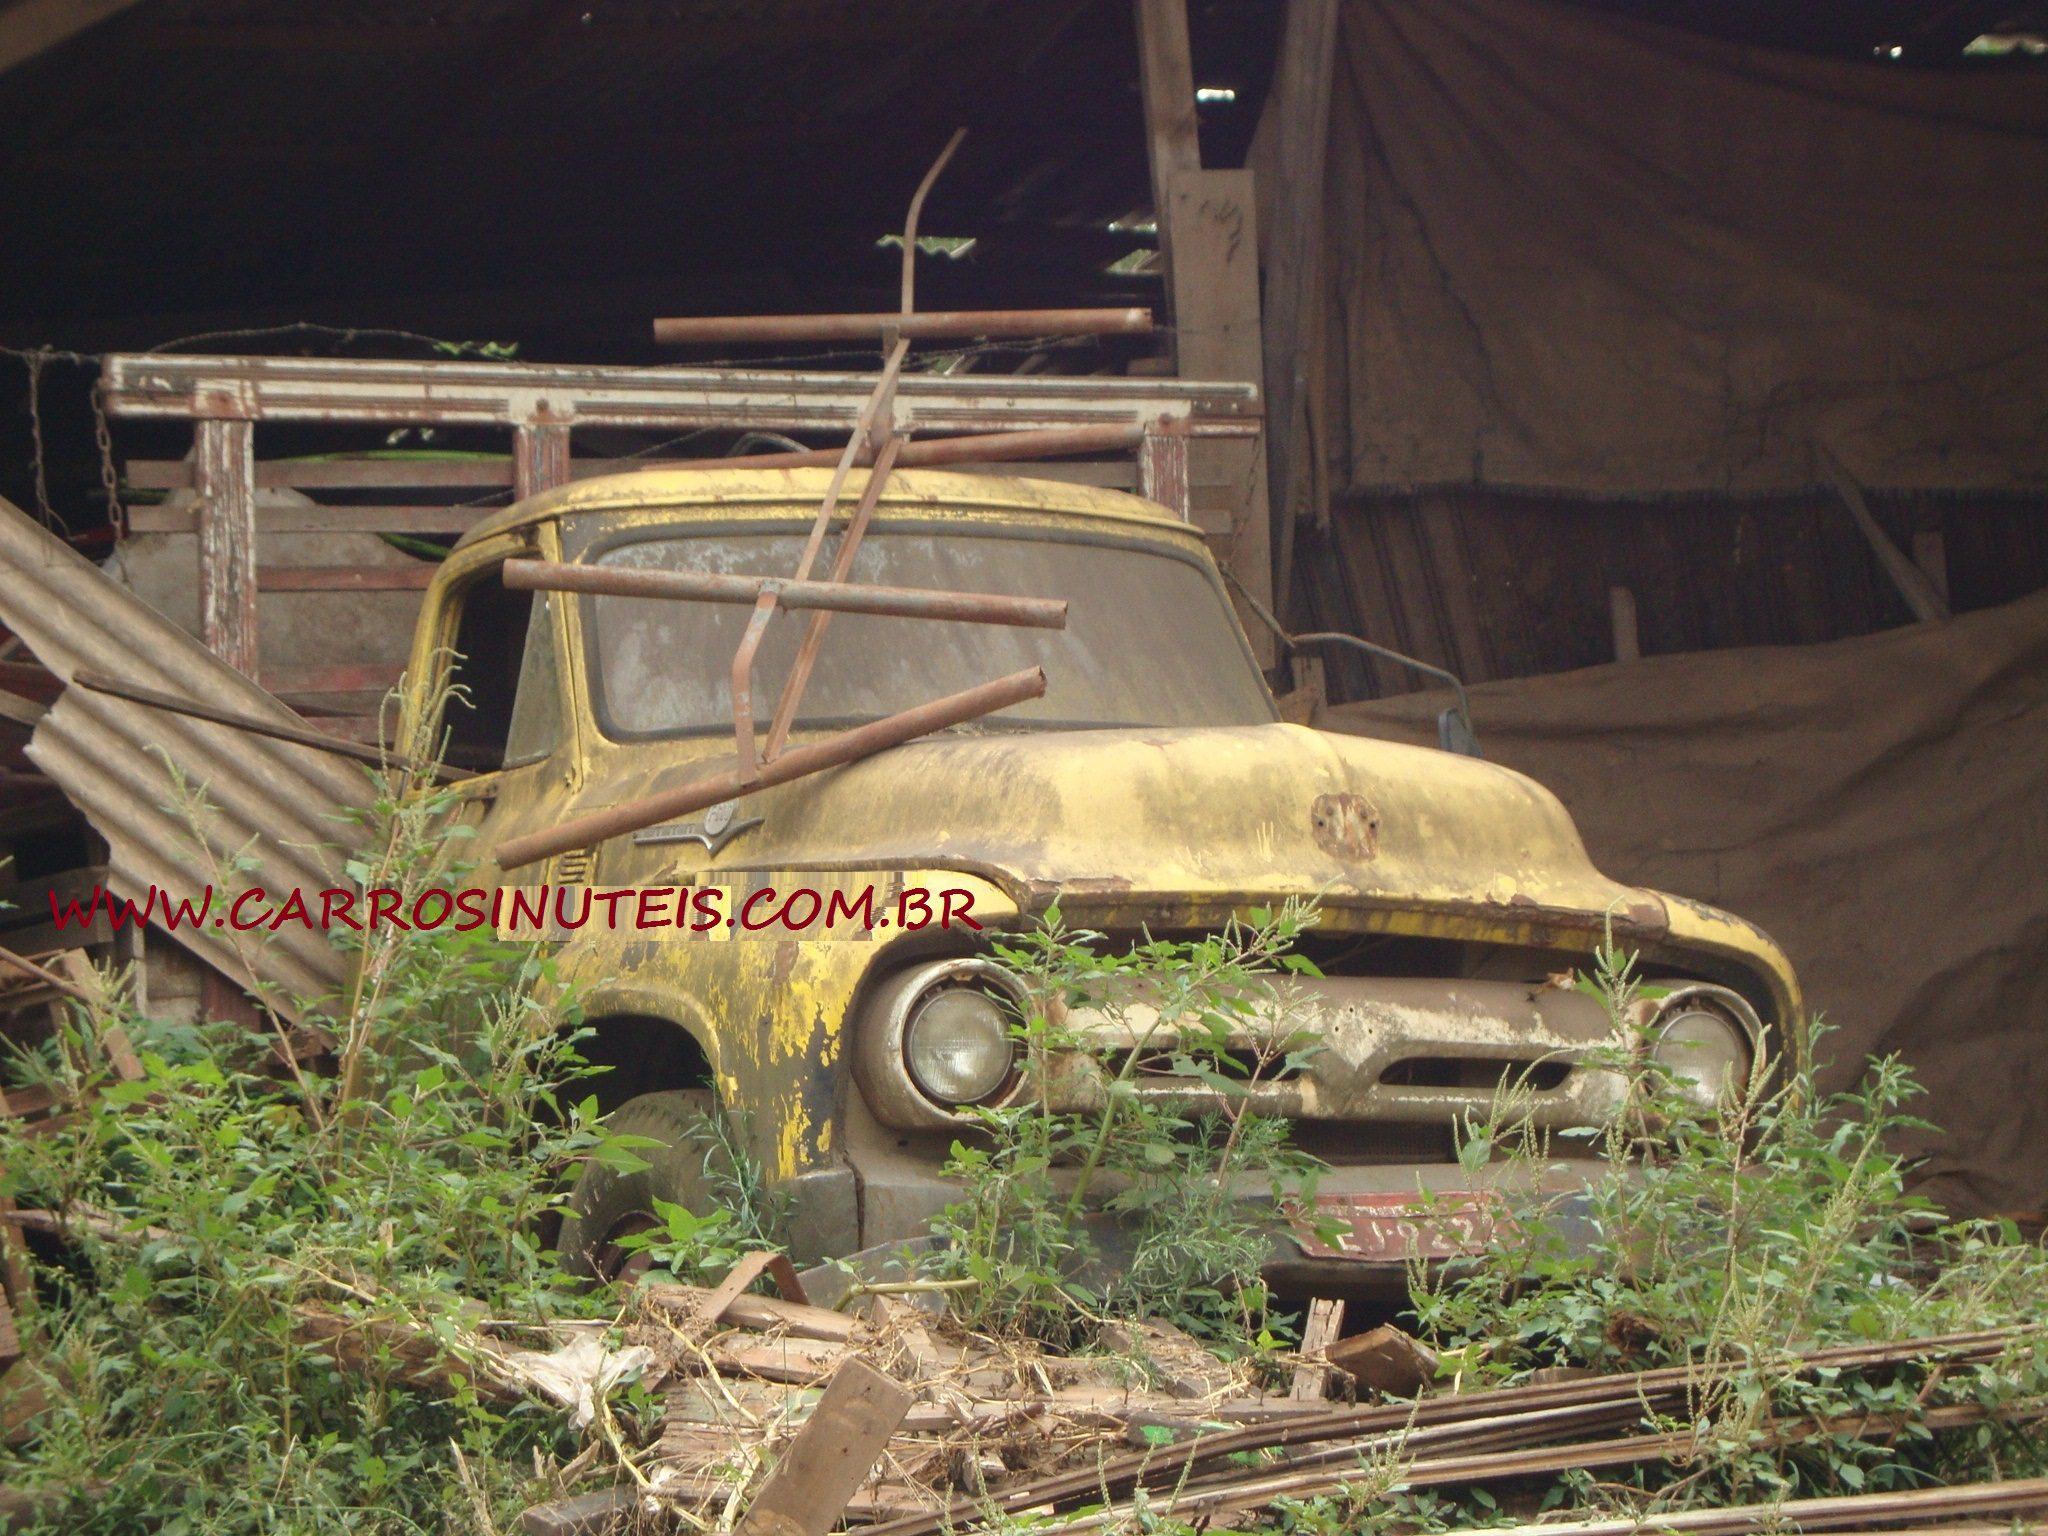 MKT-fordF600-Gravatai Ford F600